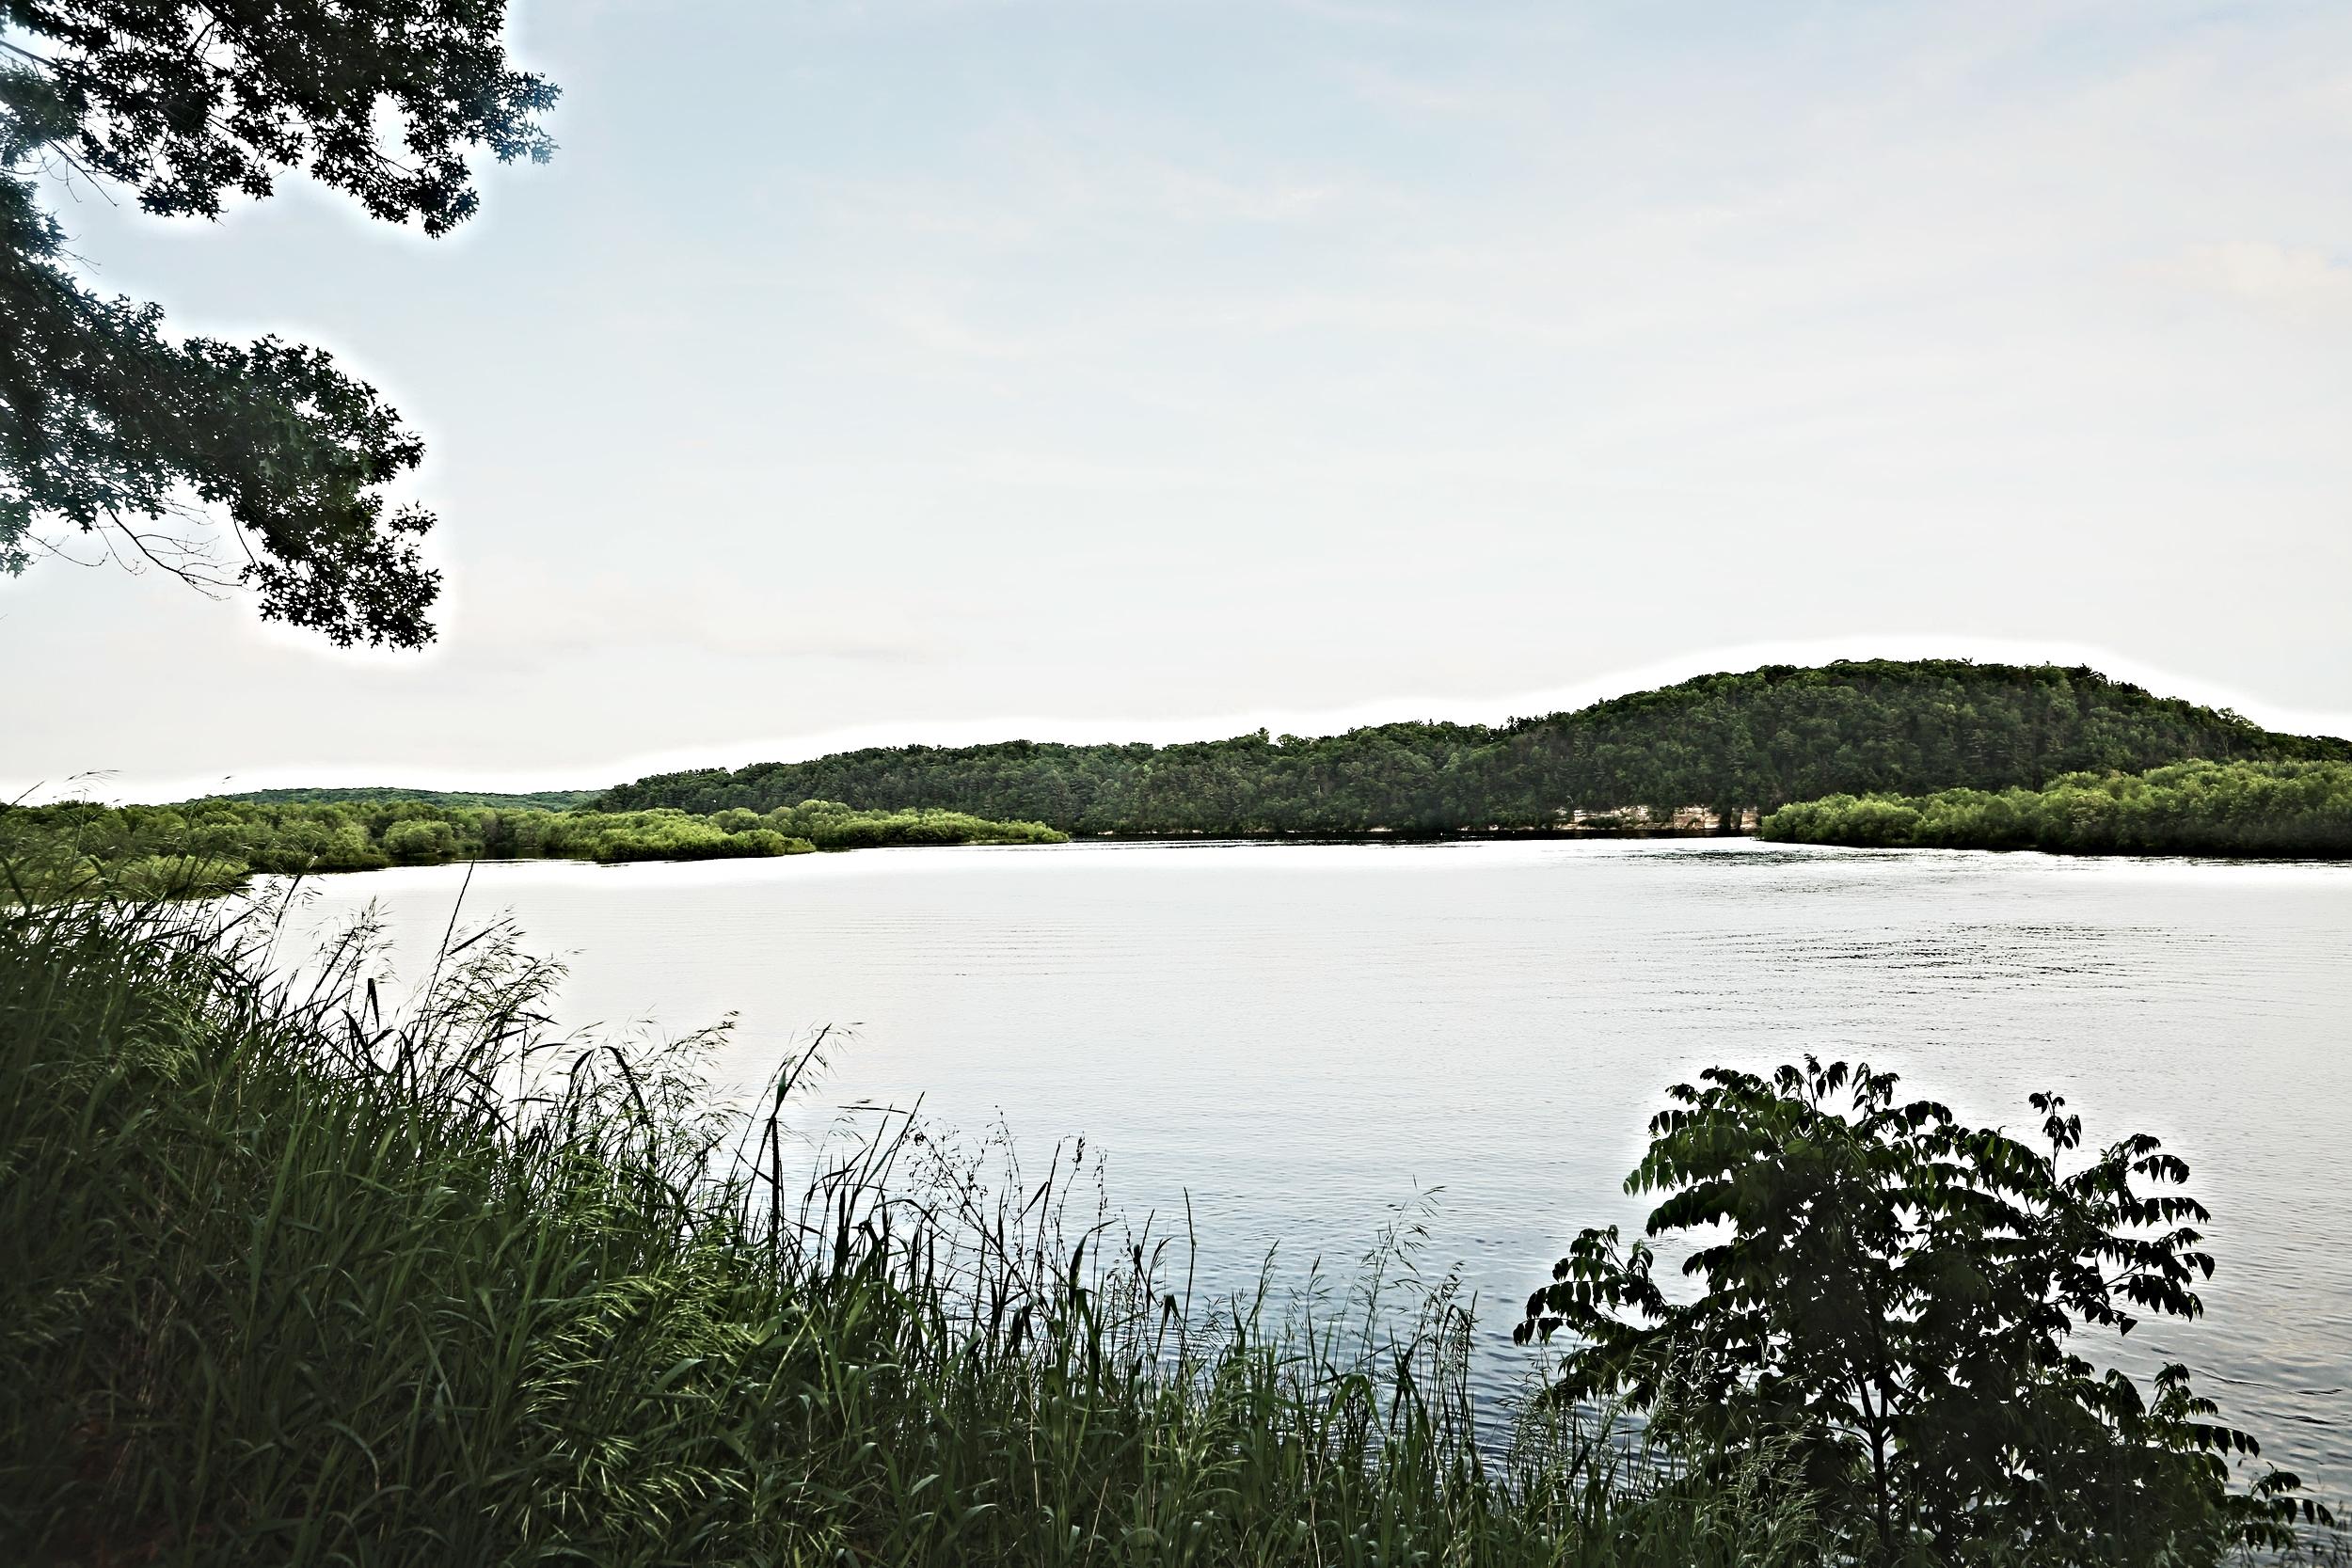 N4294 County Hwy U - lakeview.JPG